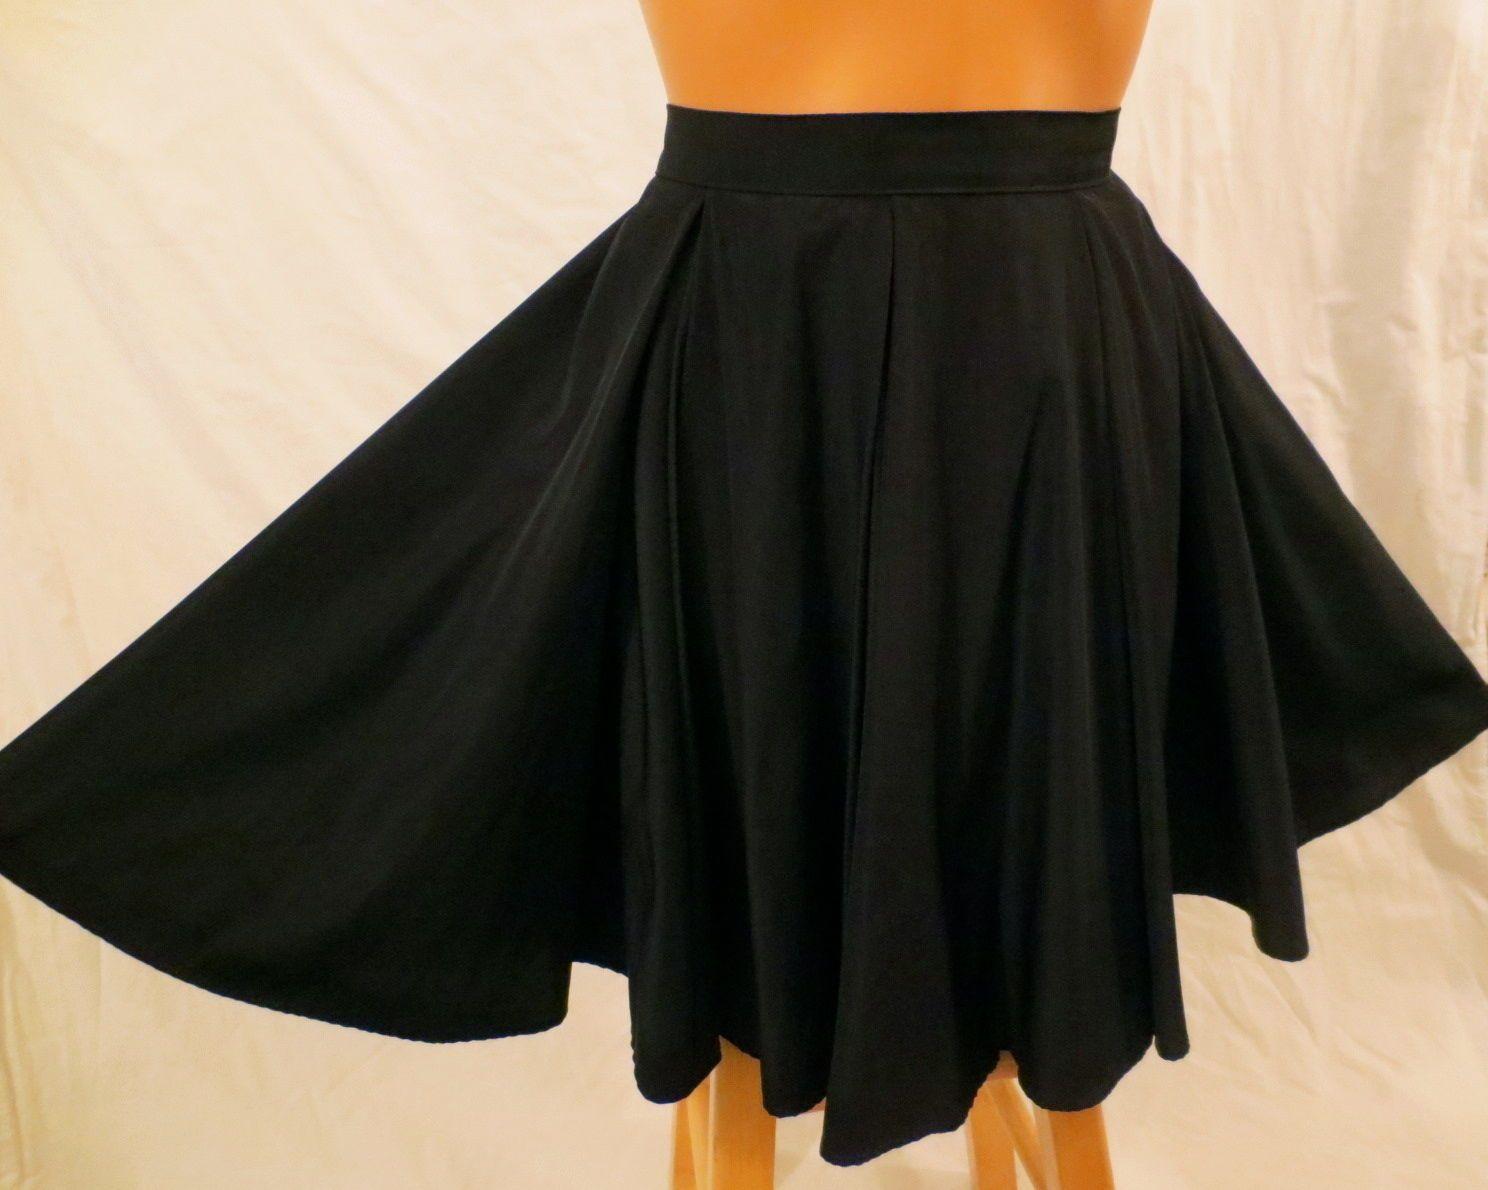 AMERICAN APPAREL short gore skirt - $19.99 at JOHNNY BOMBSHELL #fullskirt #skaterskirt #swingskirt #circleskirt #black #AmericanApparel